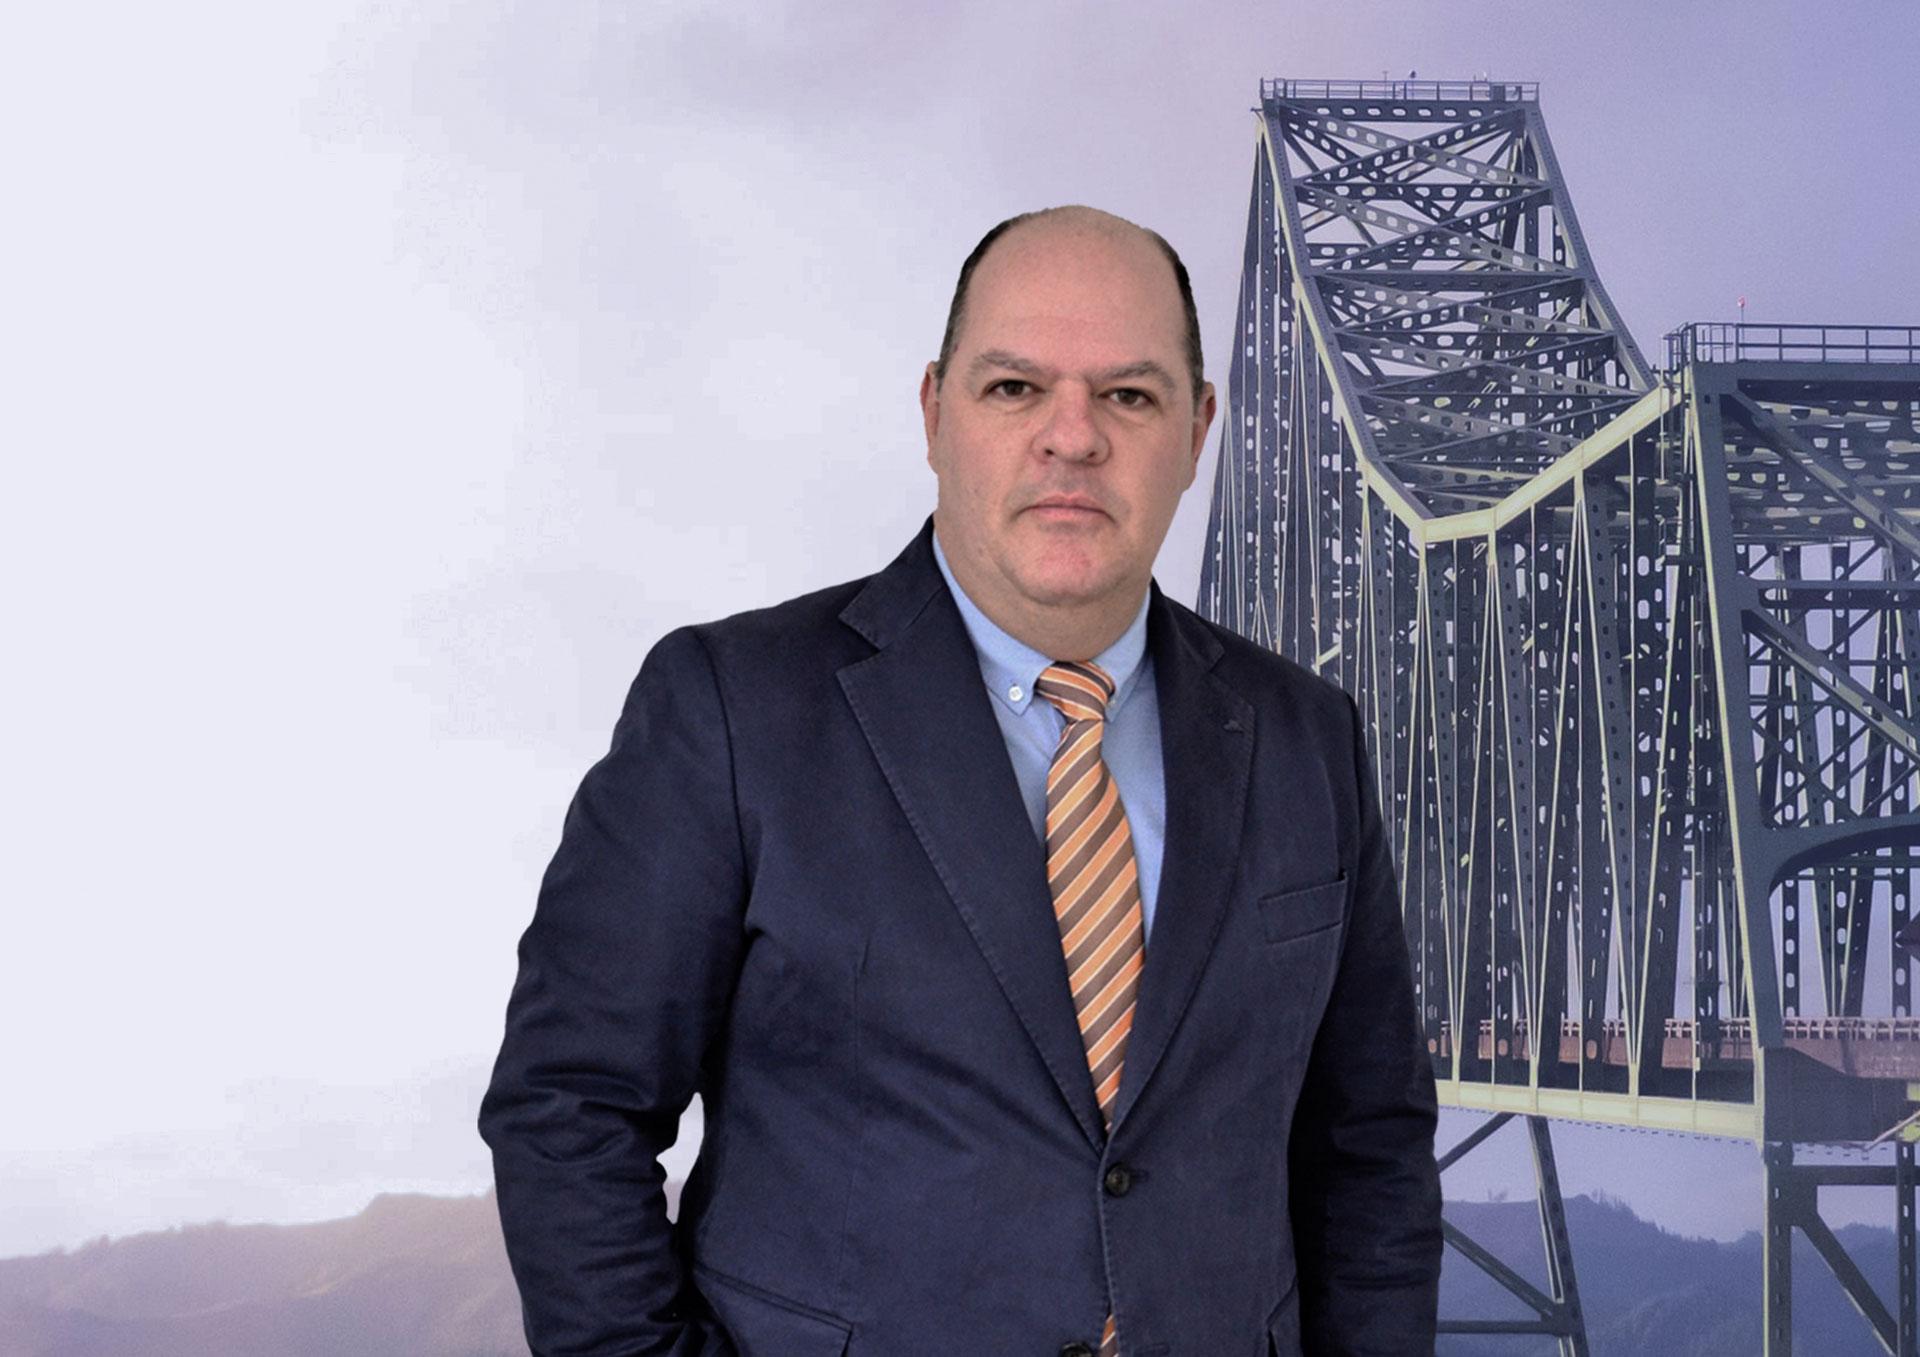 JOSÉ ANTONIO RIVERA PAGE